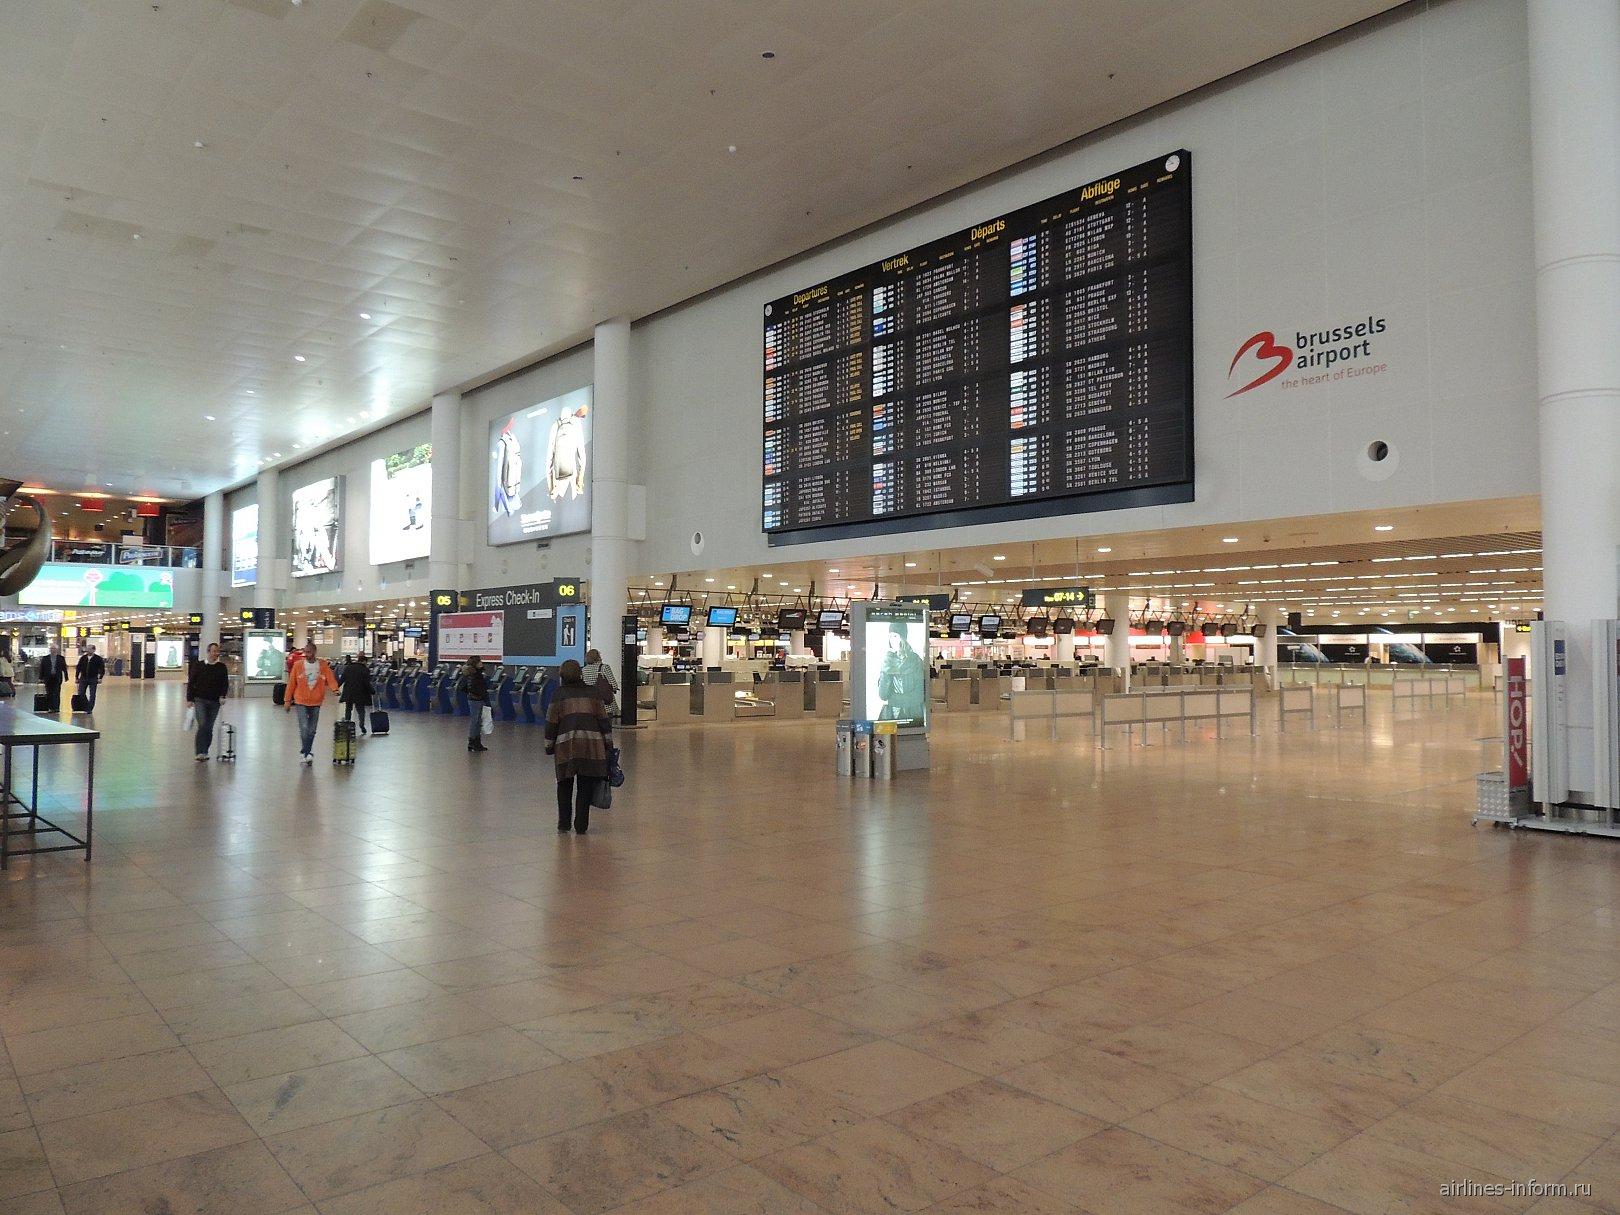 В пассажирском терминале аэропорта Брюссель